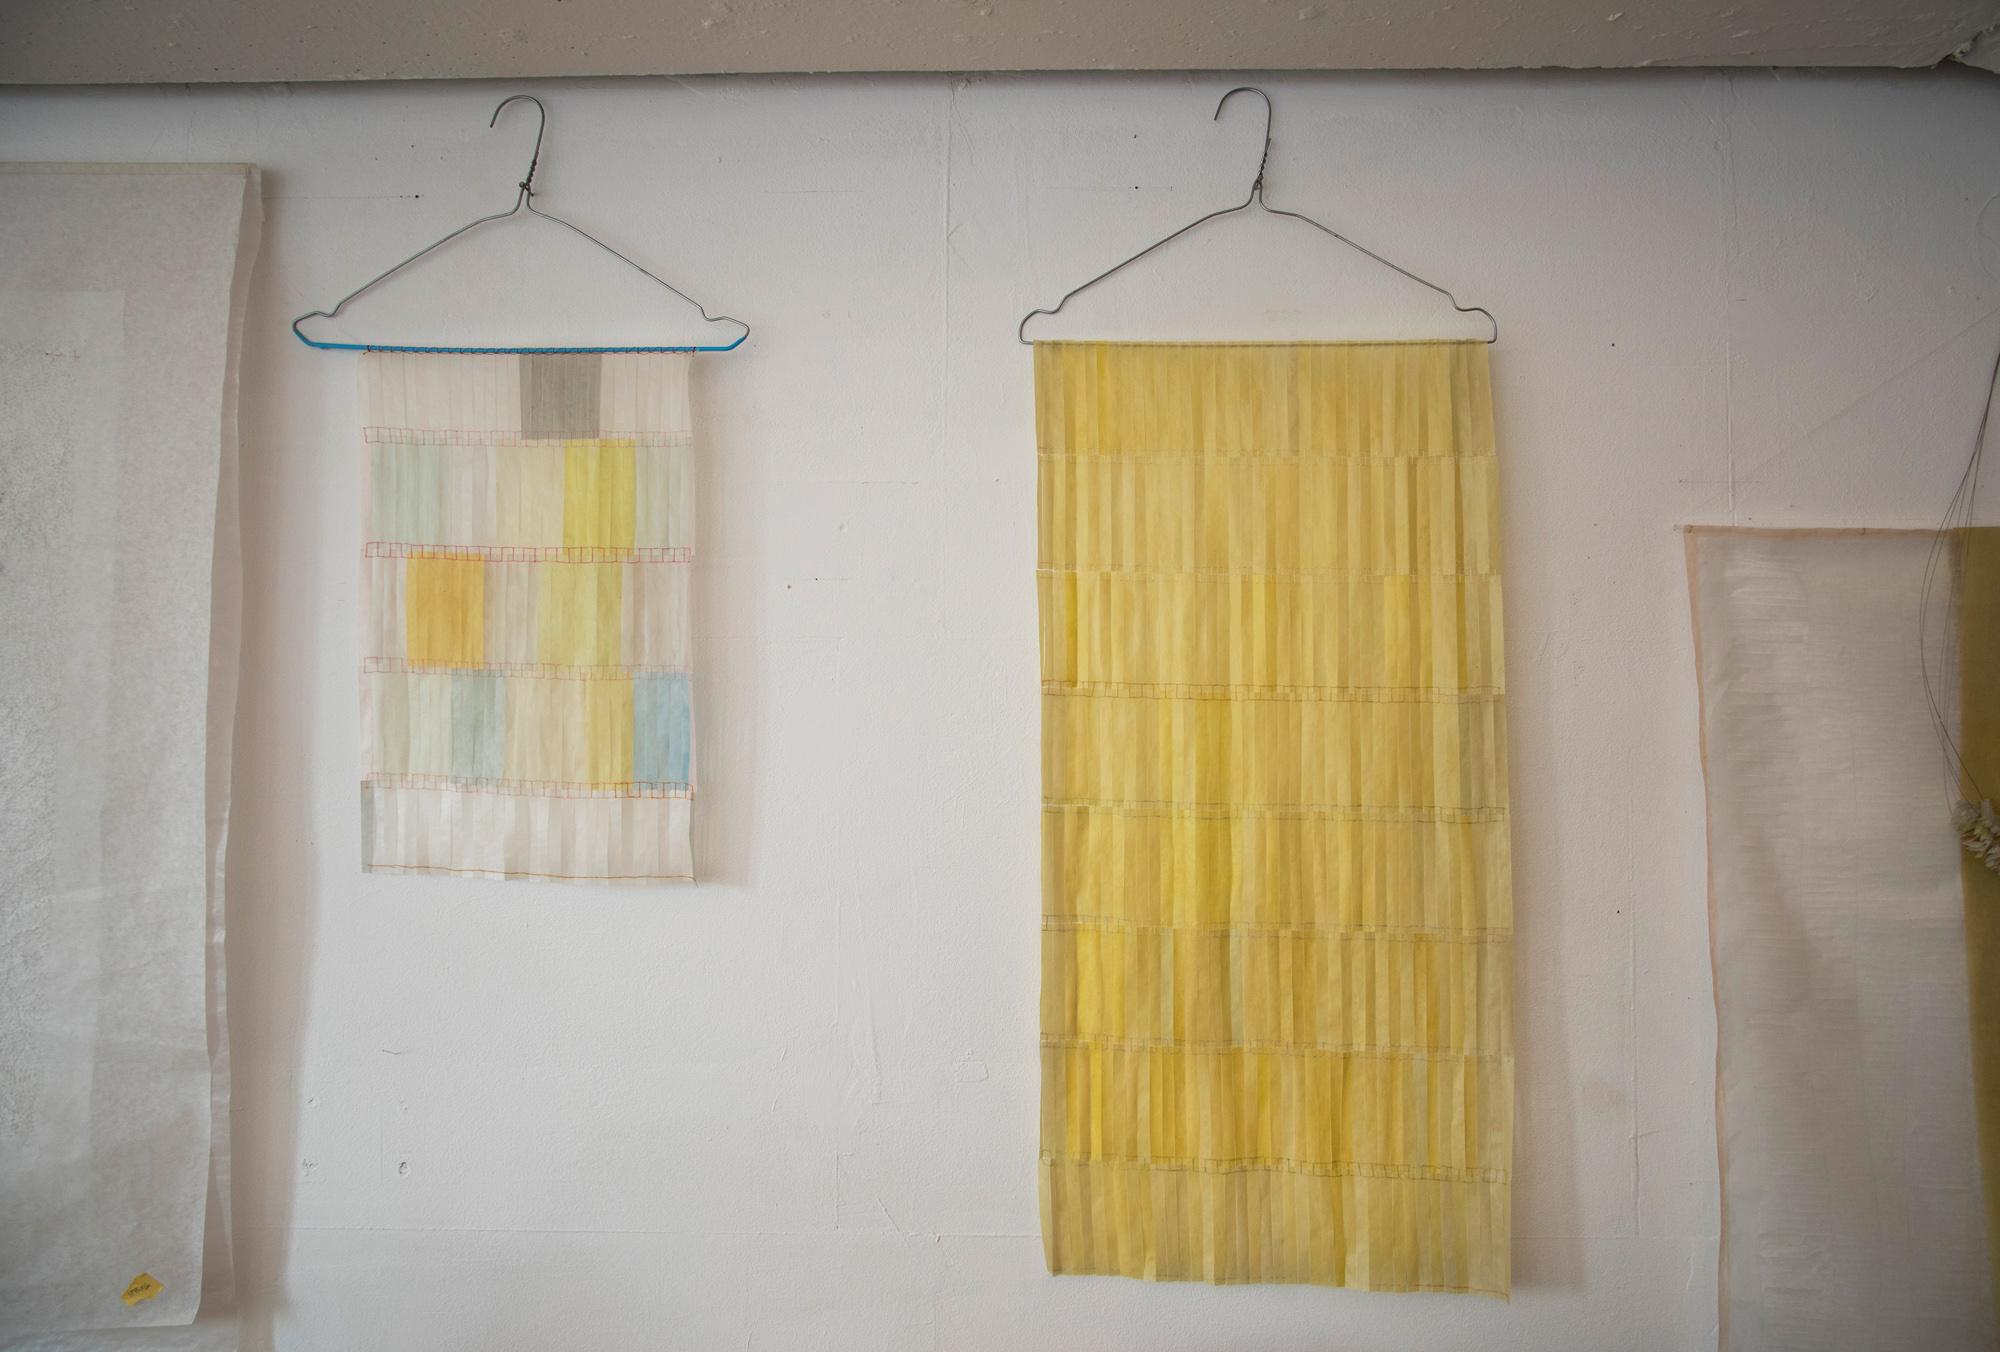 tami komai macht papierkunst die man auch als m bel brauchen kann oder umgekehrt. Black Bedroom Furniture Sets. Home Design Ideas